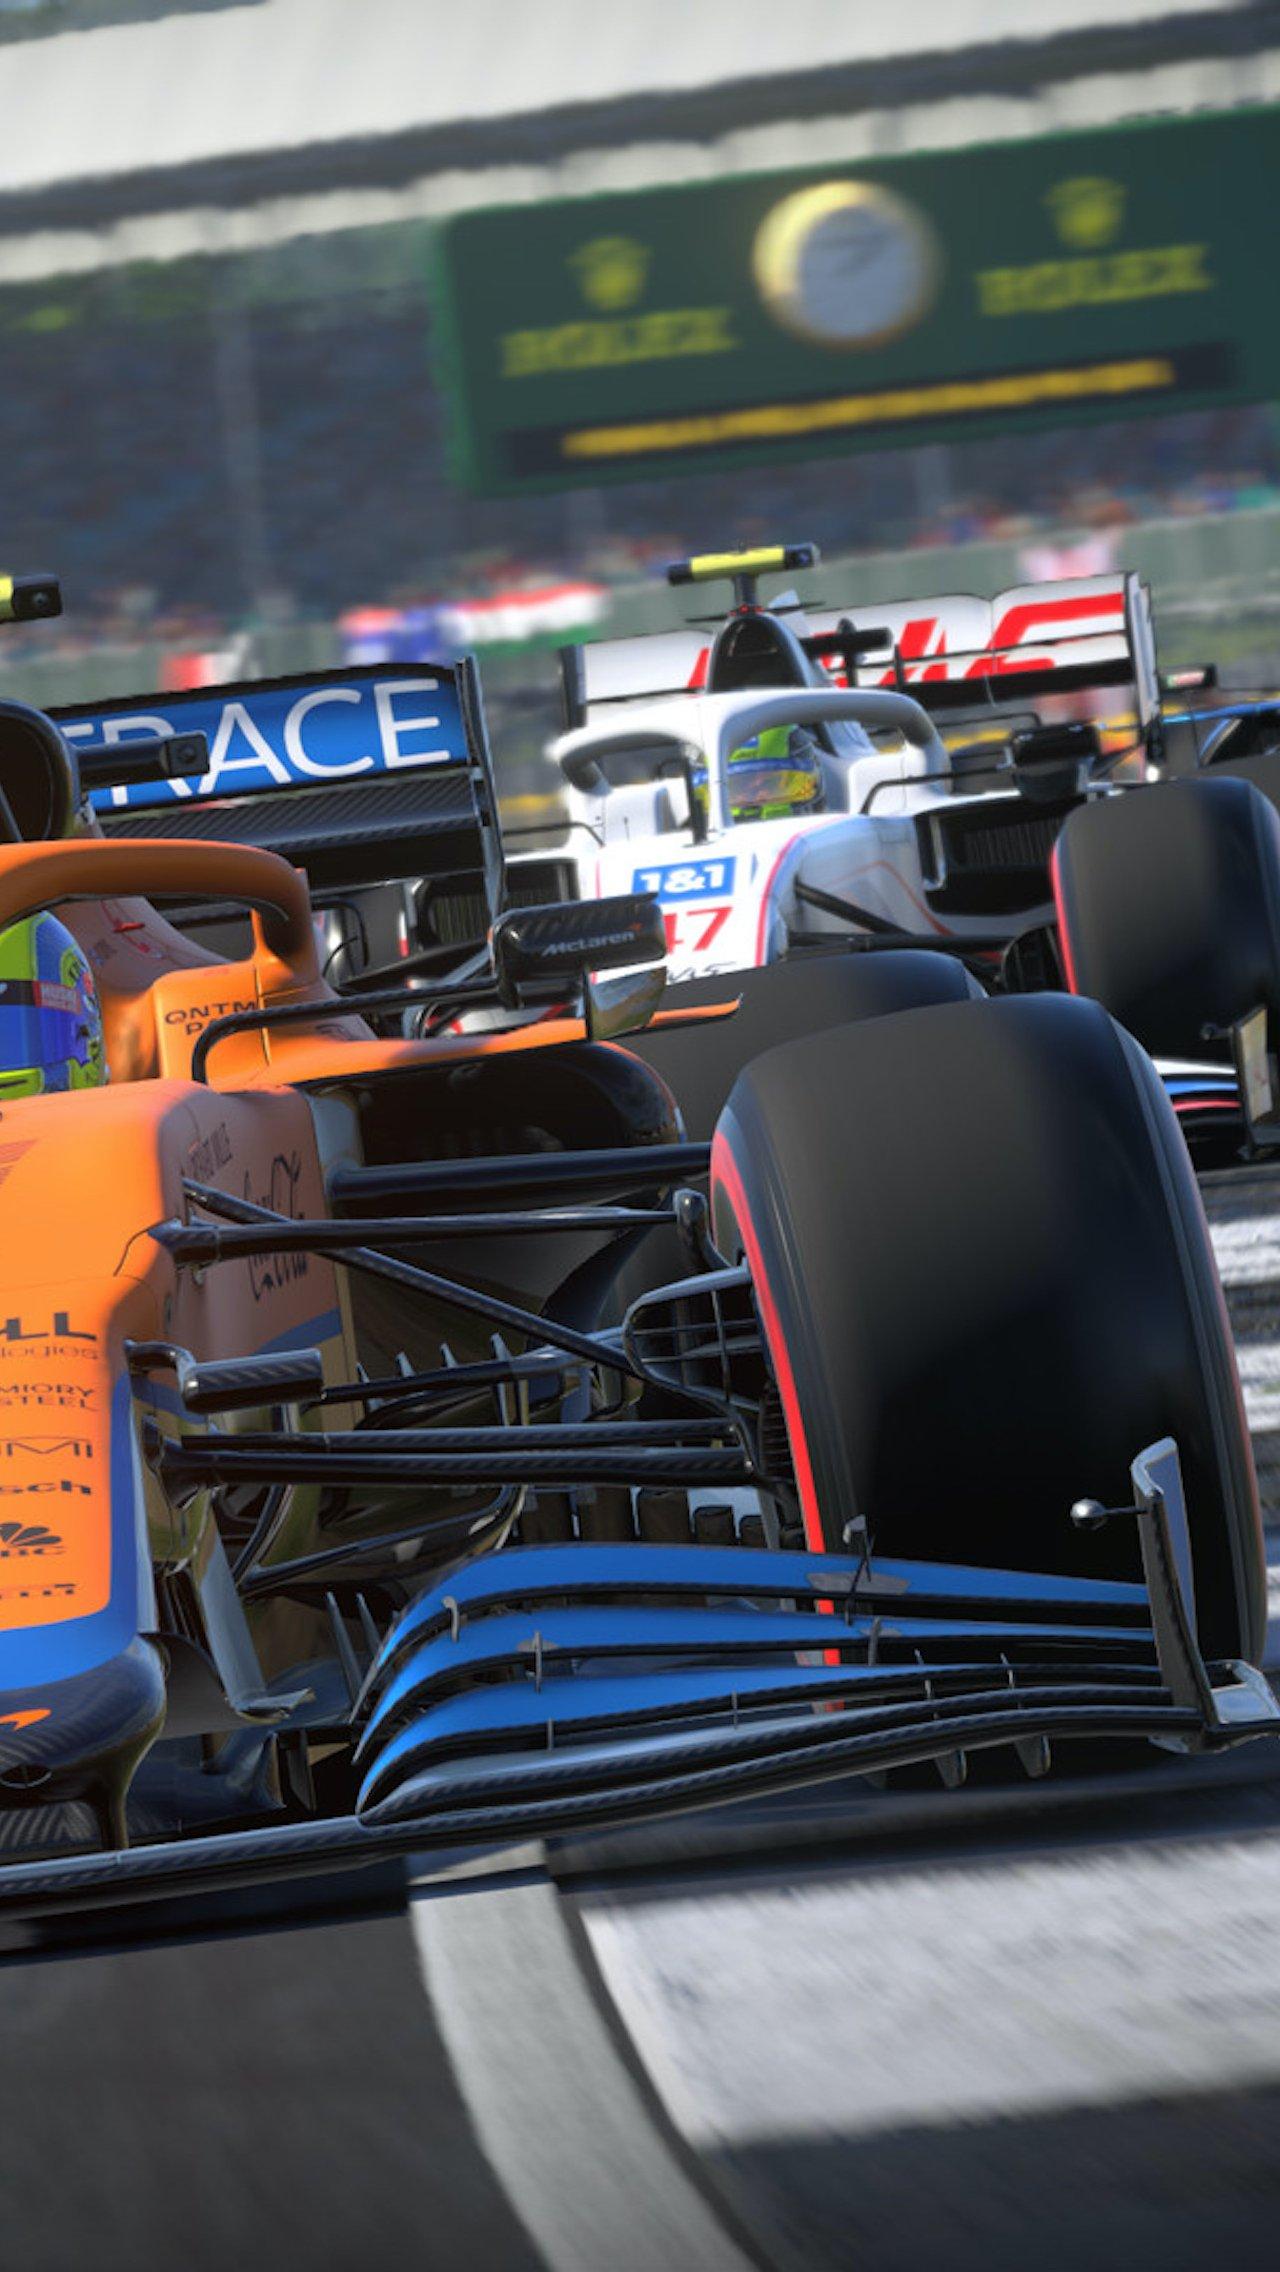 F1 2021 (гонки, симулятор): ПК, PS4-5, Xbox One, X/S — 16 июля